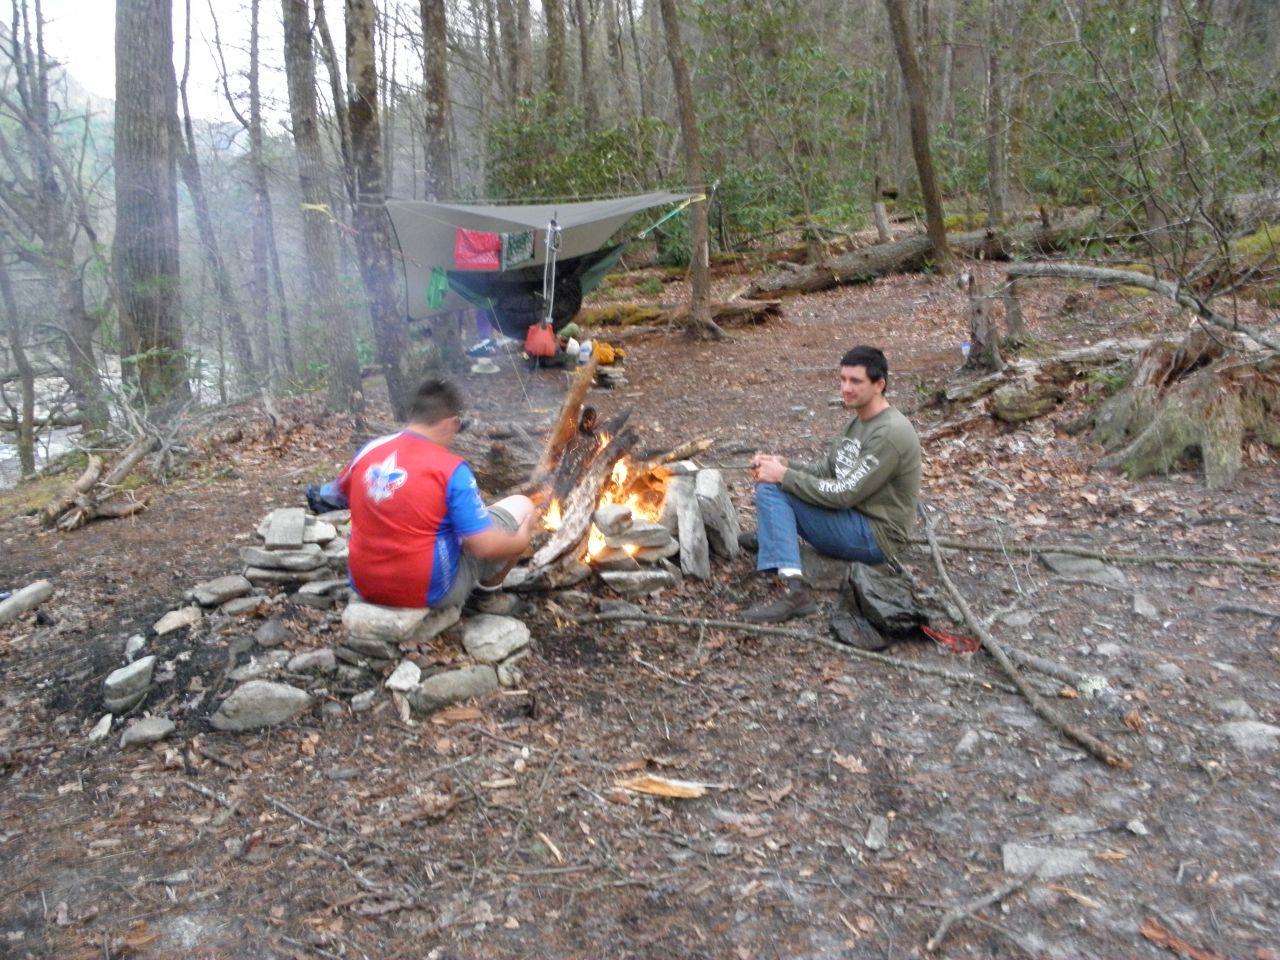 Aprils Fools Day Lvg Scout Hang